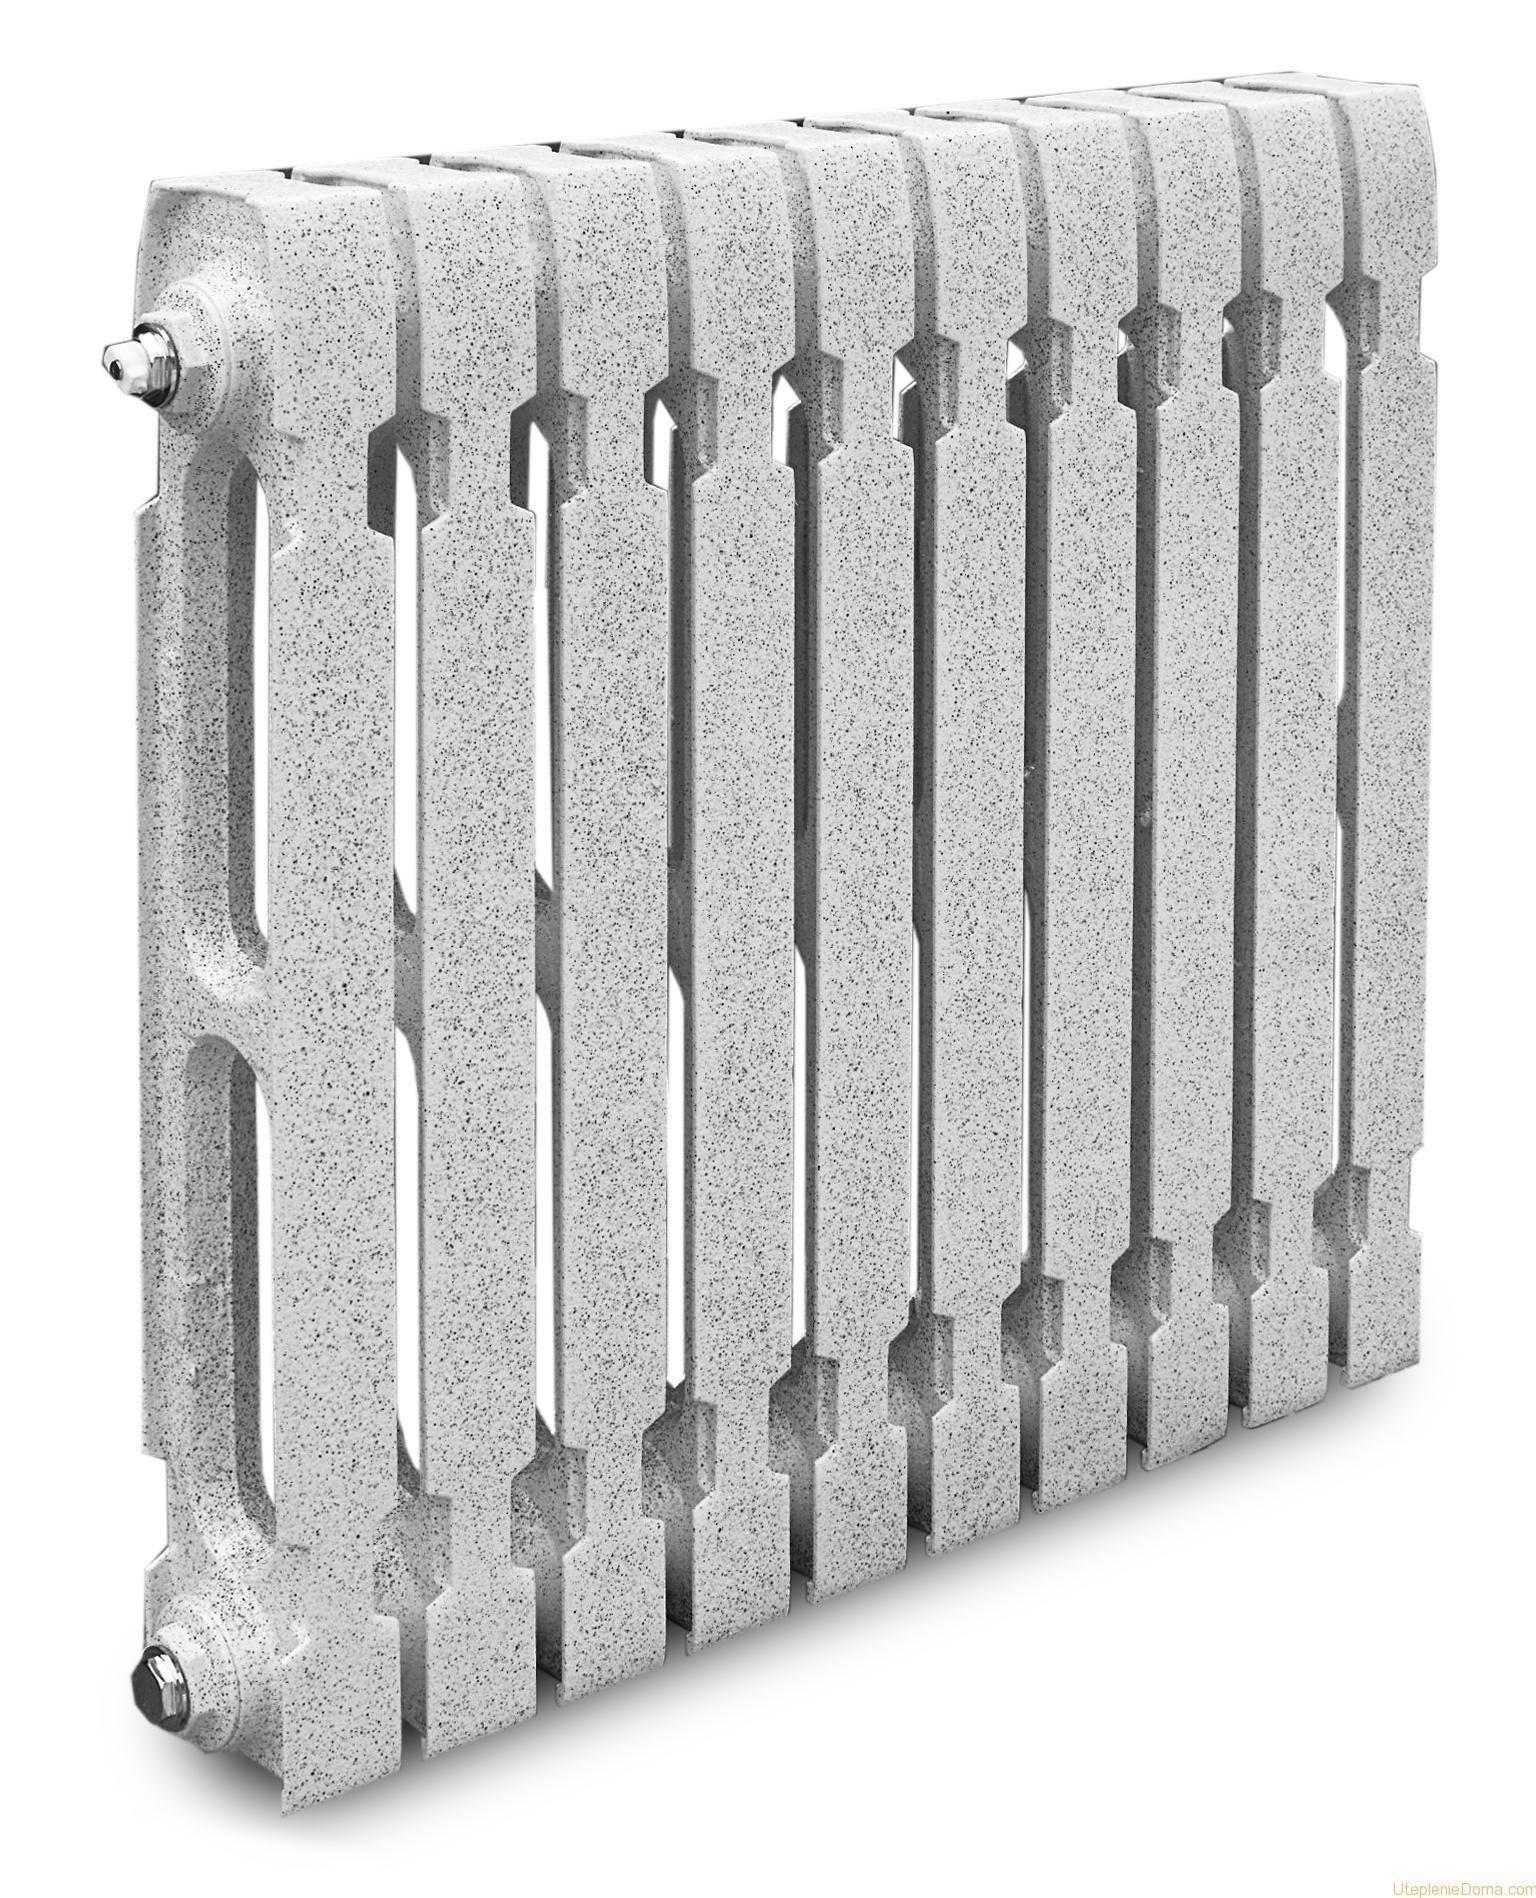 Чугунные радиаторы konner: отзывы, описание, технические характеристики, цены